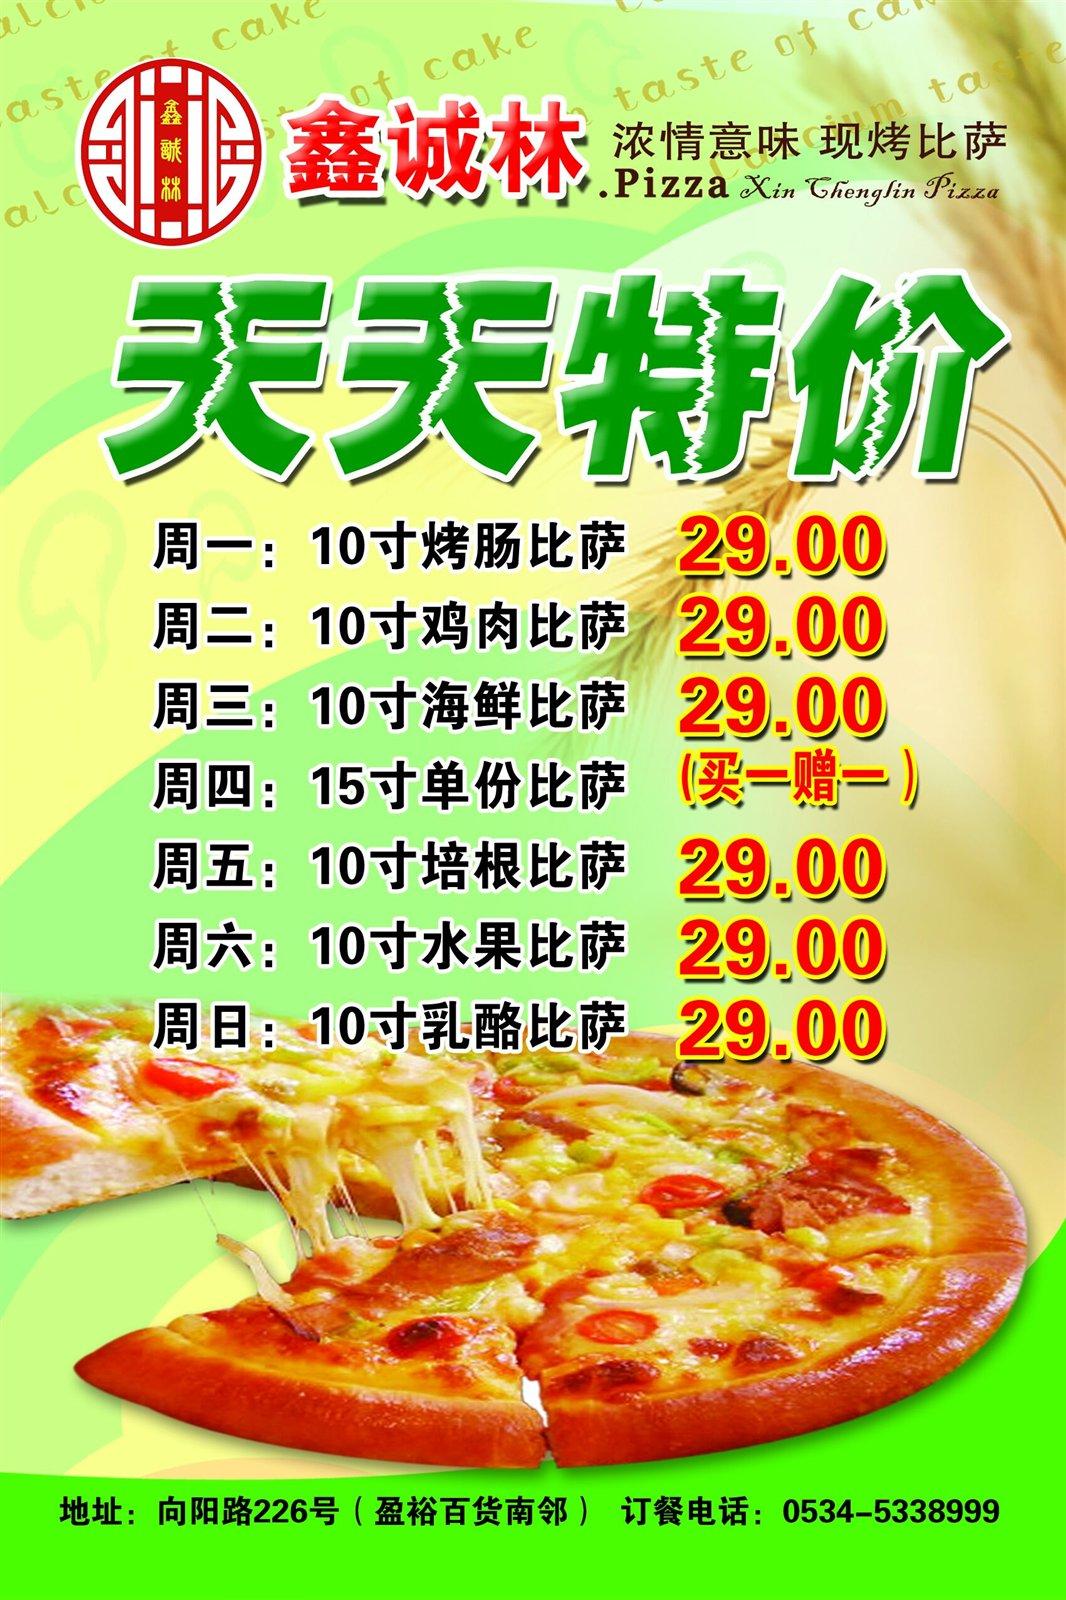 鑫诚林快餐店满29元免费送到家